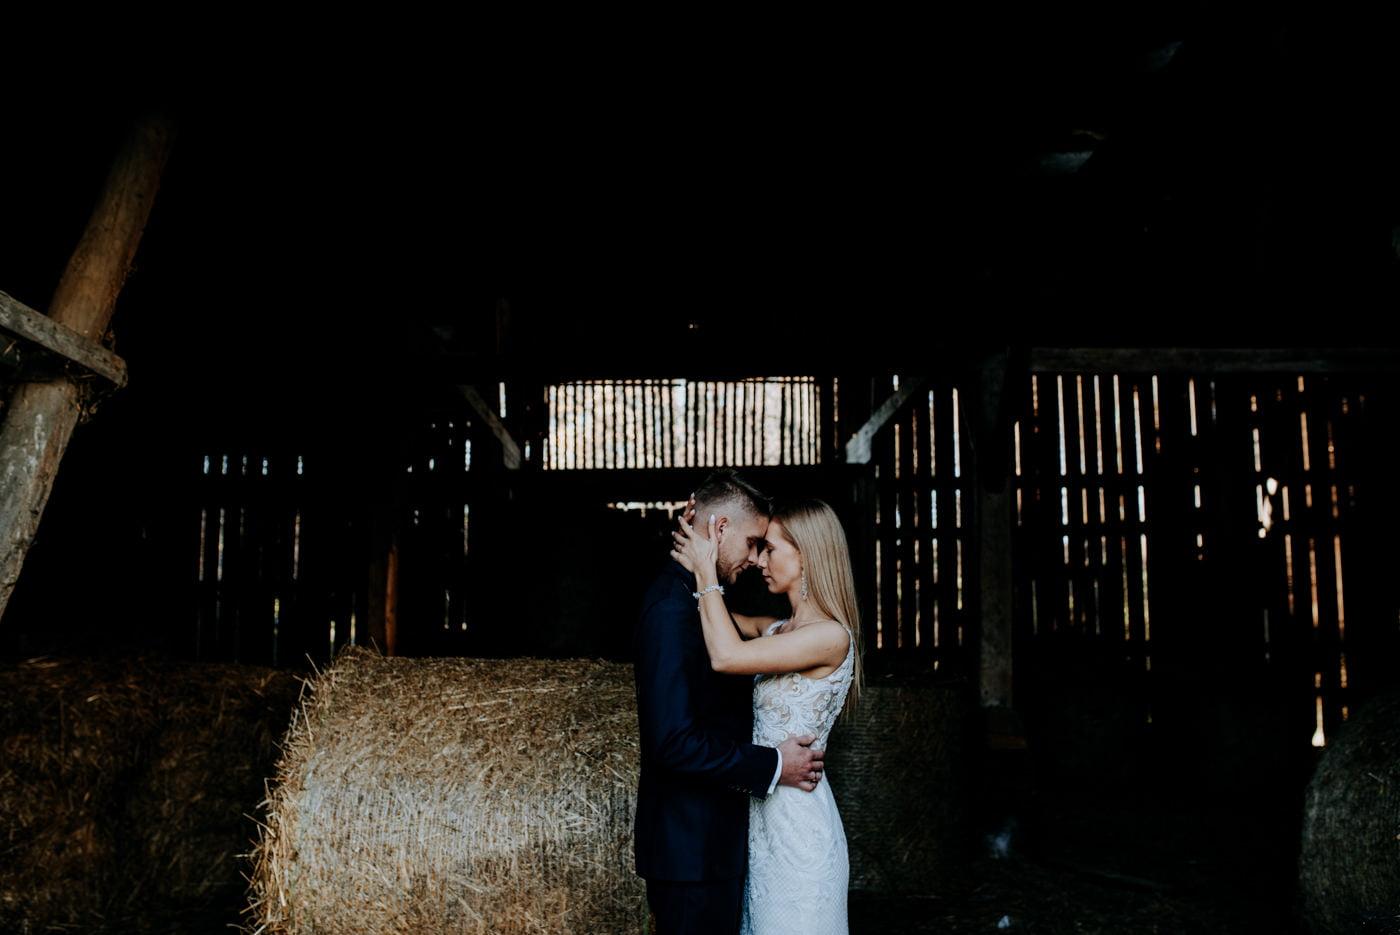 Plener Ślubny w starej stodole - Basia i Marcin 30